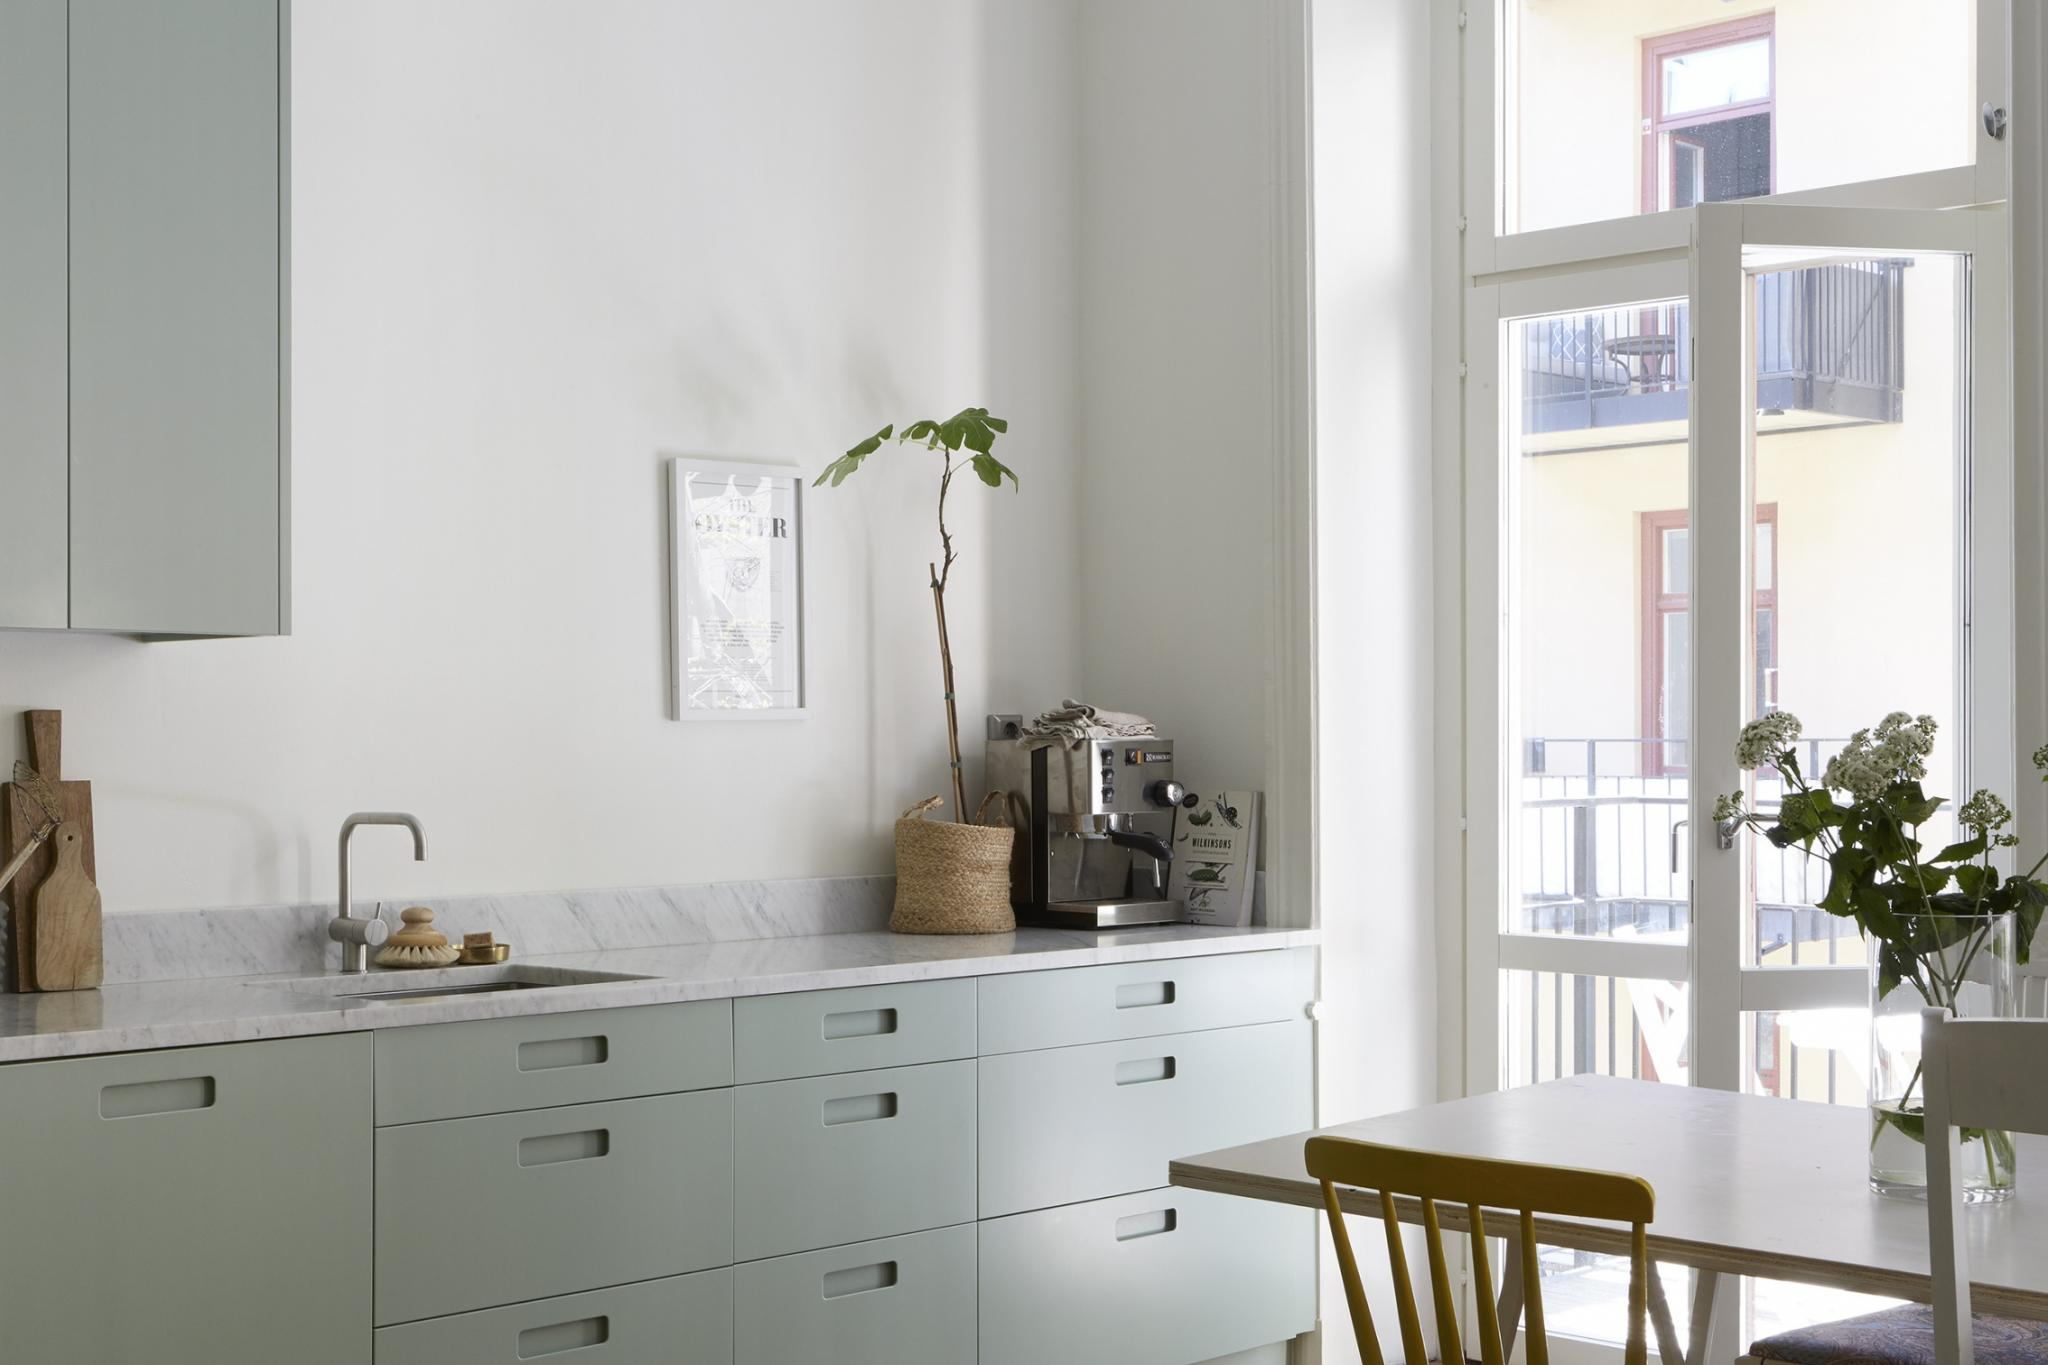 Werkblad Keuken Verven : Moderne mintgroene keuken met een marmeren werkblad homease